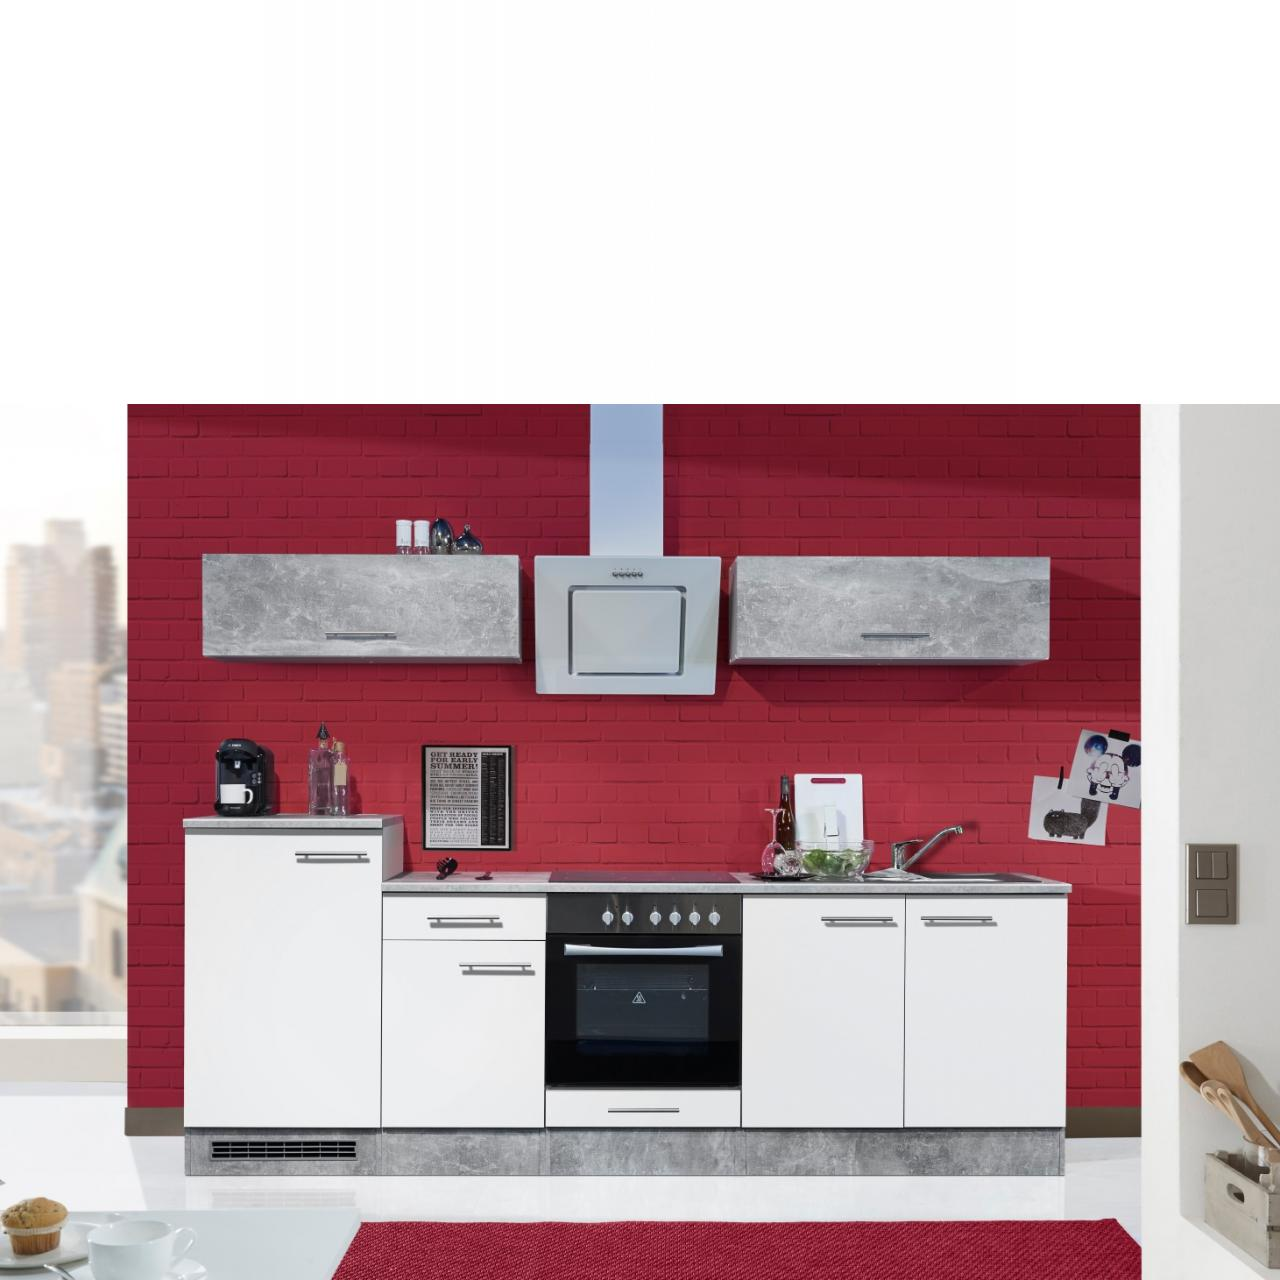 k che turn 3 wei beton k chenzeilen k chen m bel j hnichen center gmbh. Black Bedroom Furniture Sets. Home Design Ideas